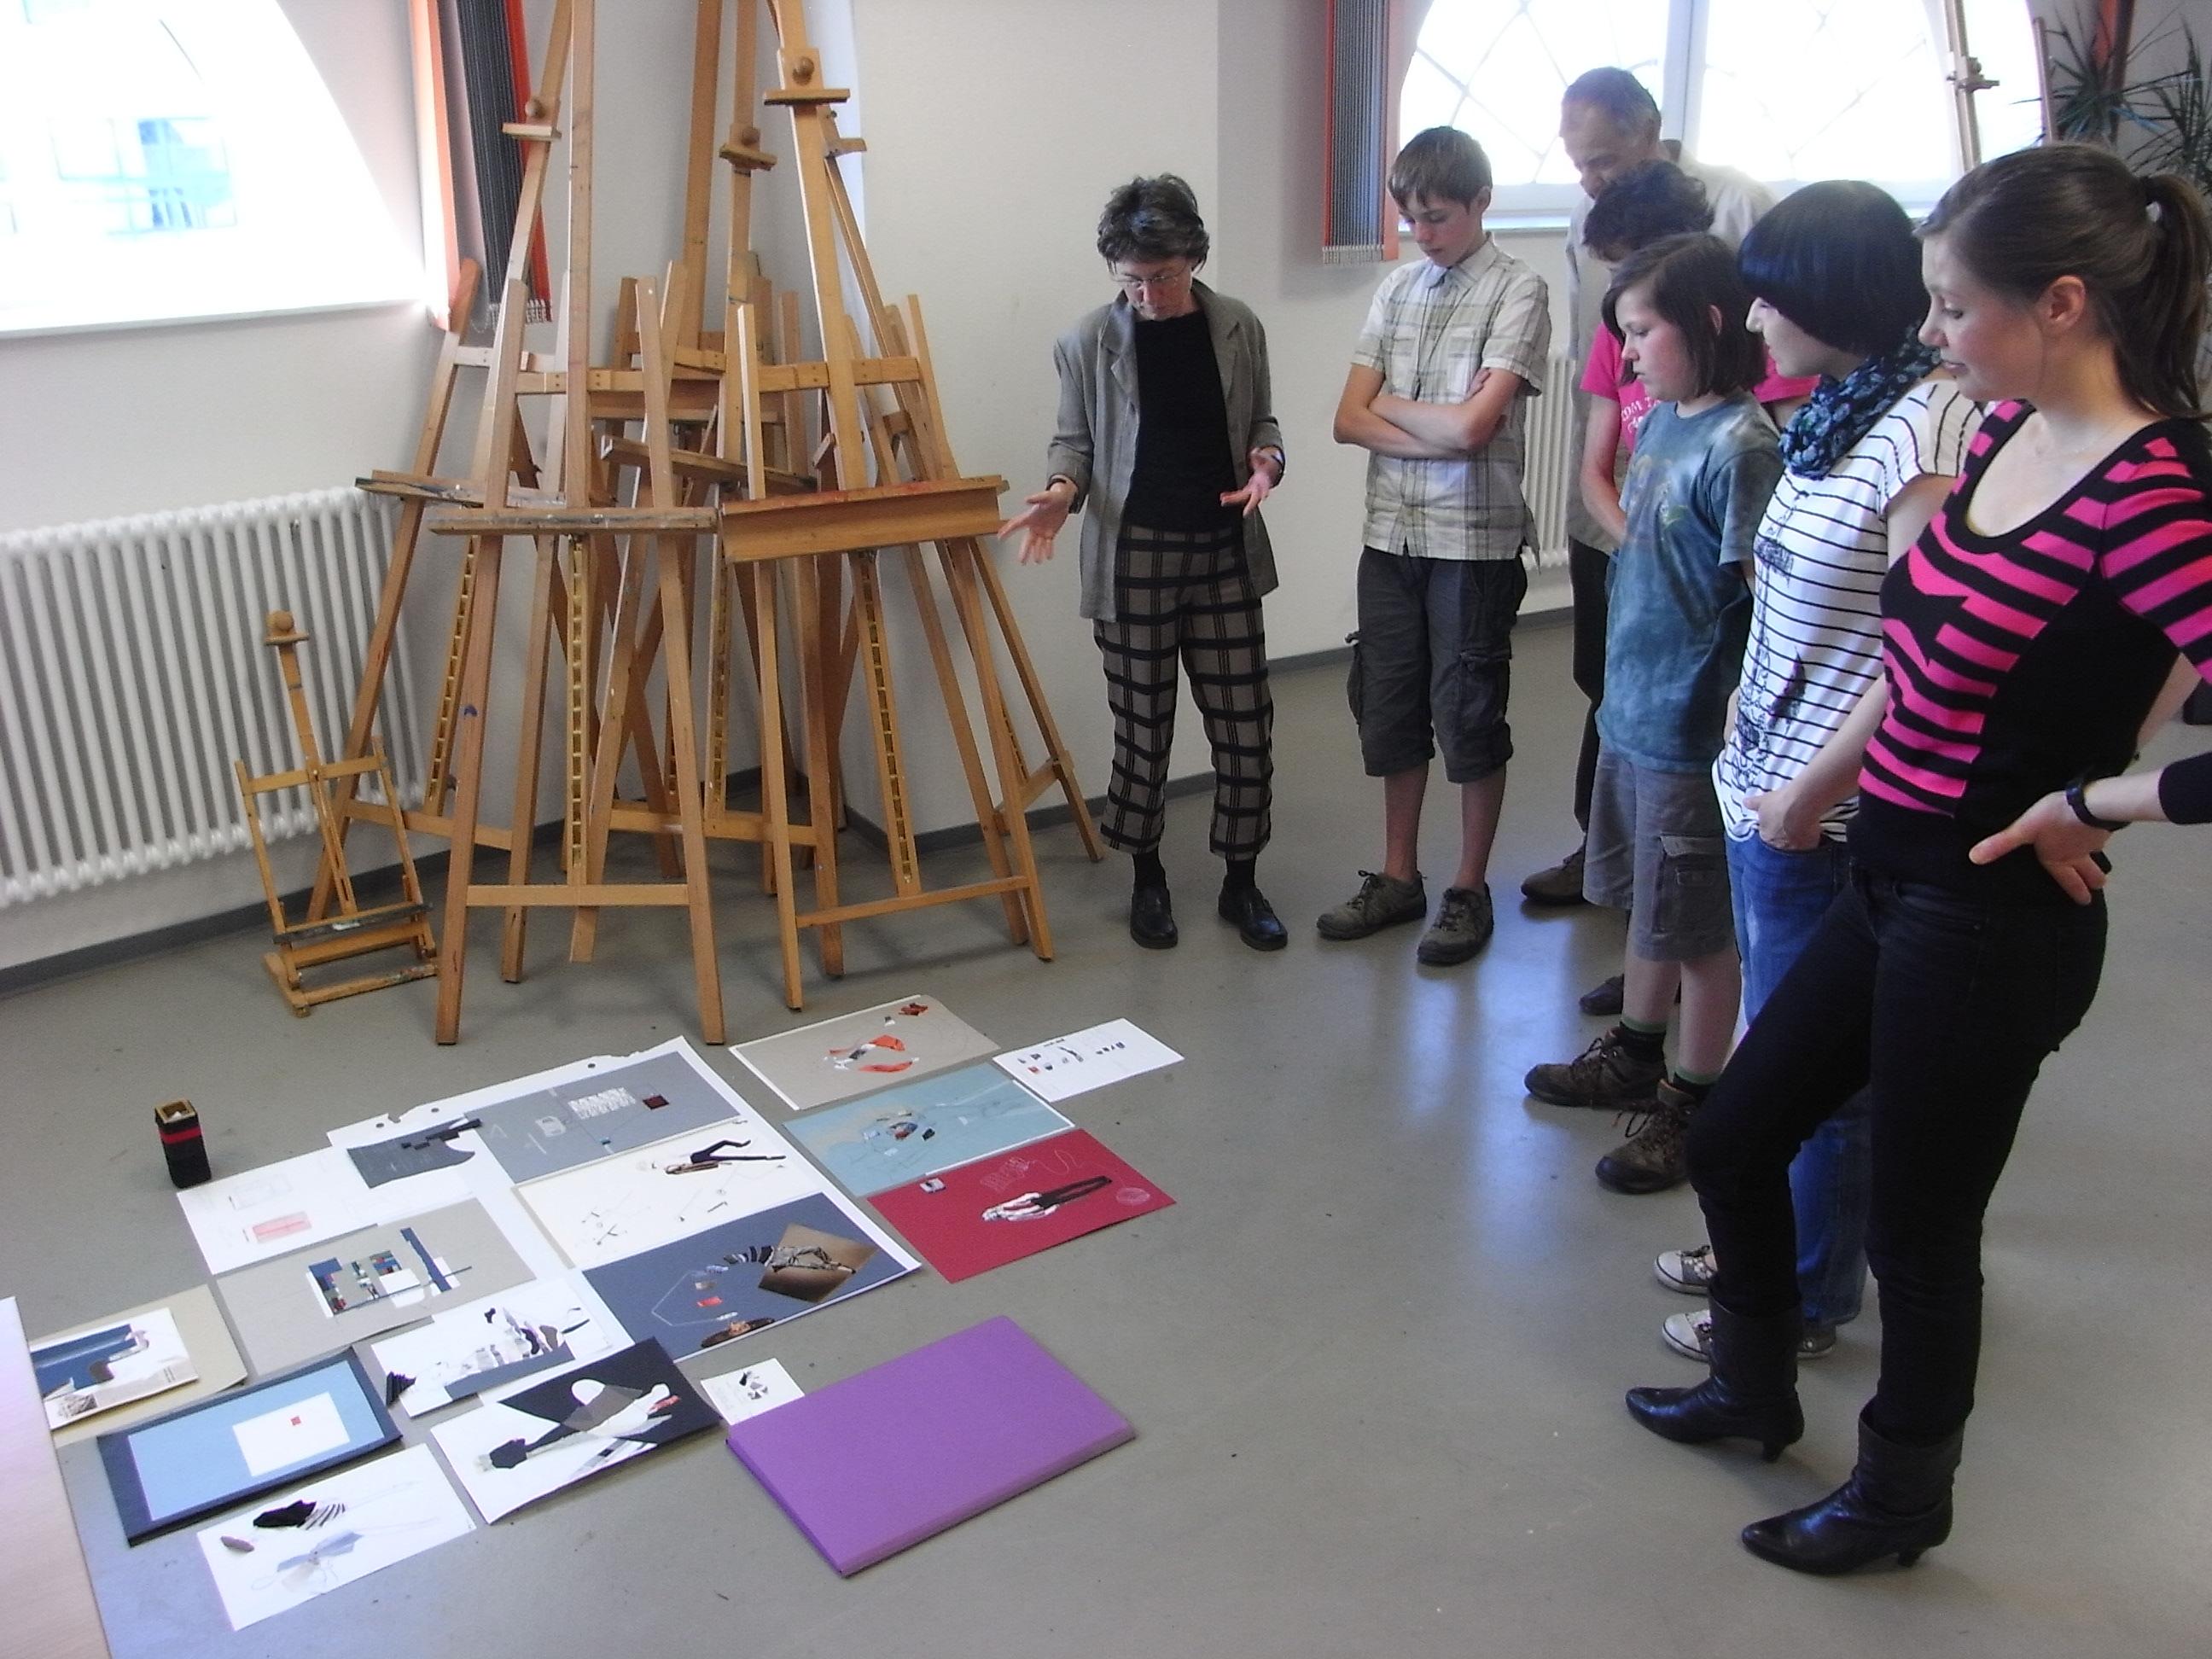 91 marioneichmann kurs 04 2011 for Modezeichnen kurs